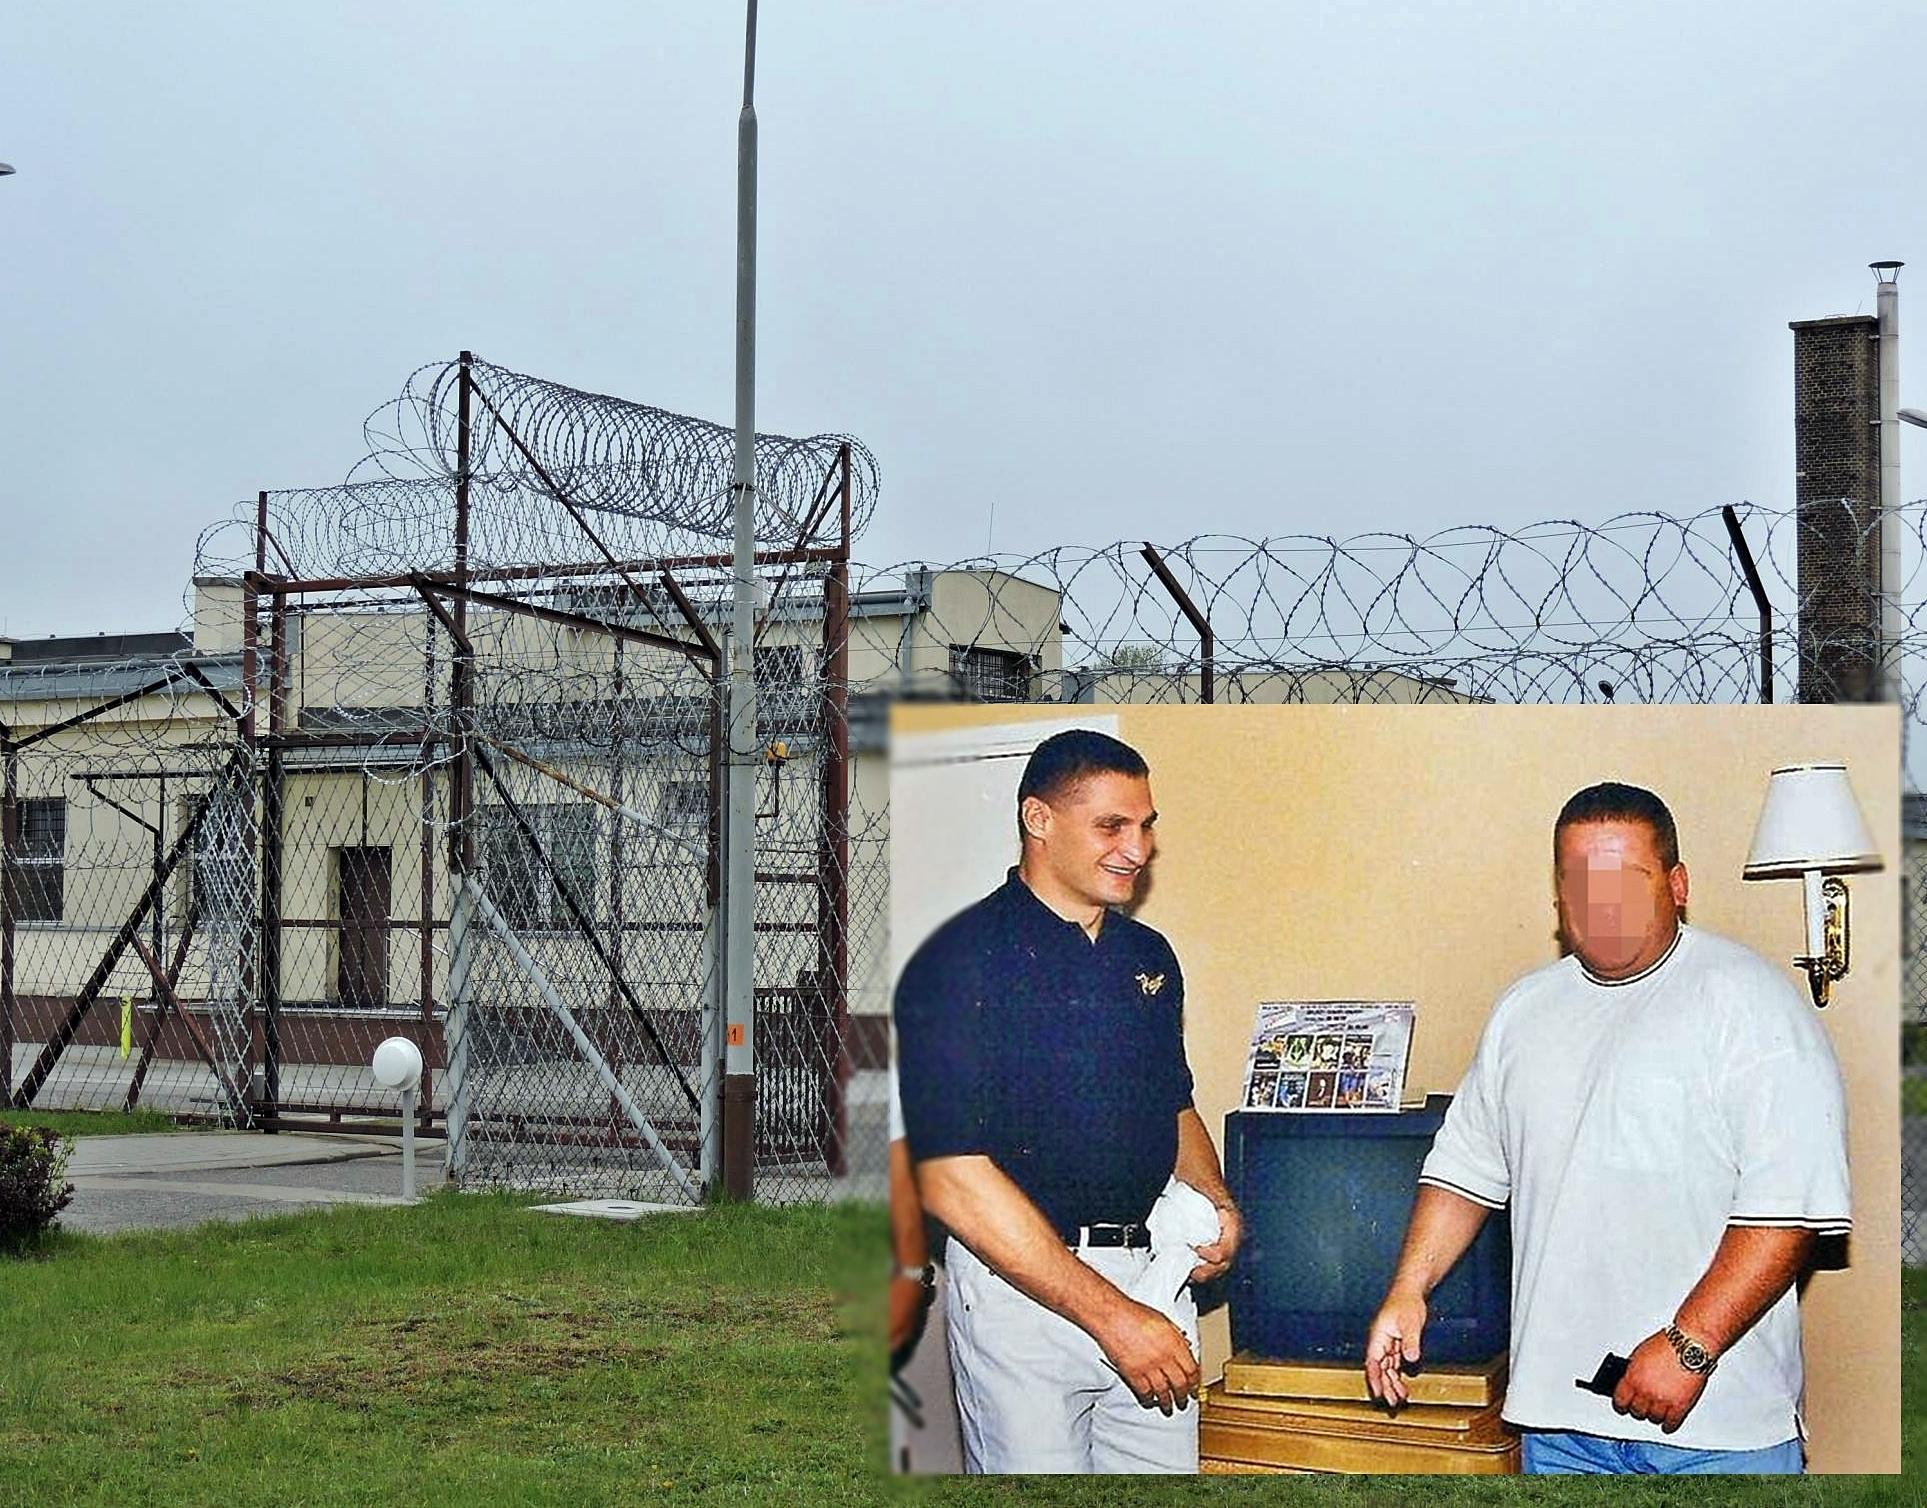 spotykanie się z kimś, kto poszedł do więzienia